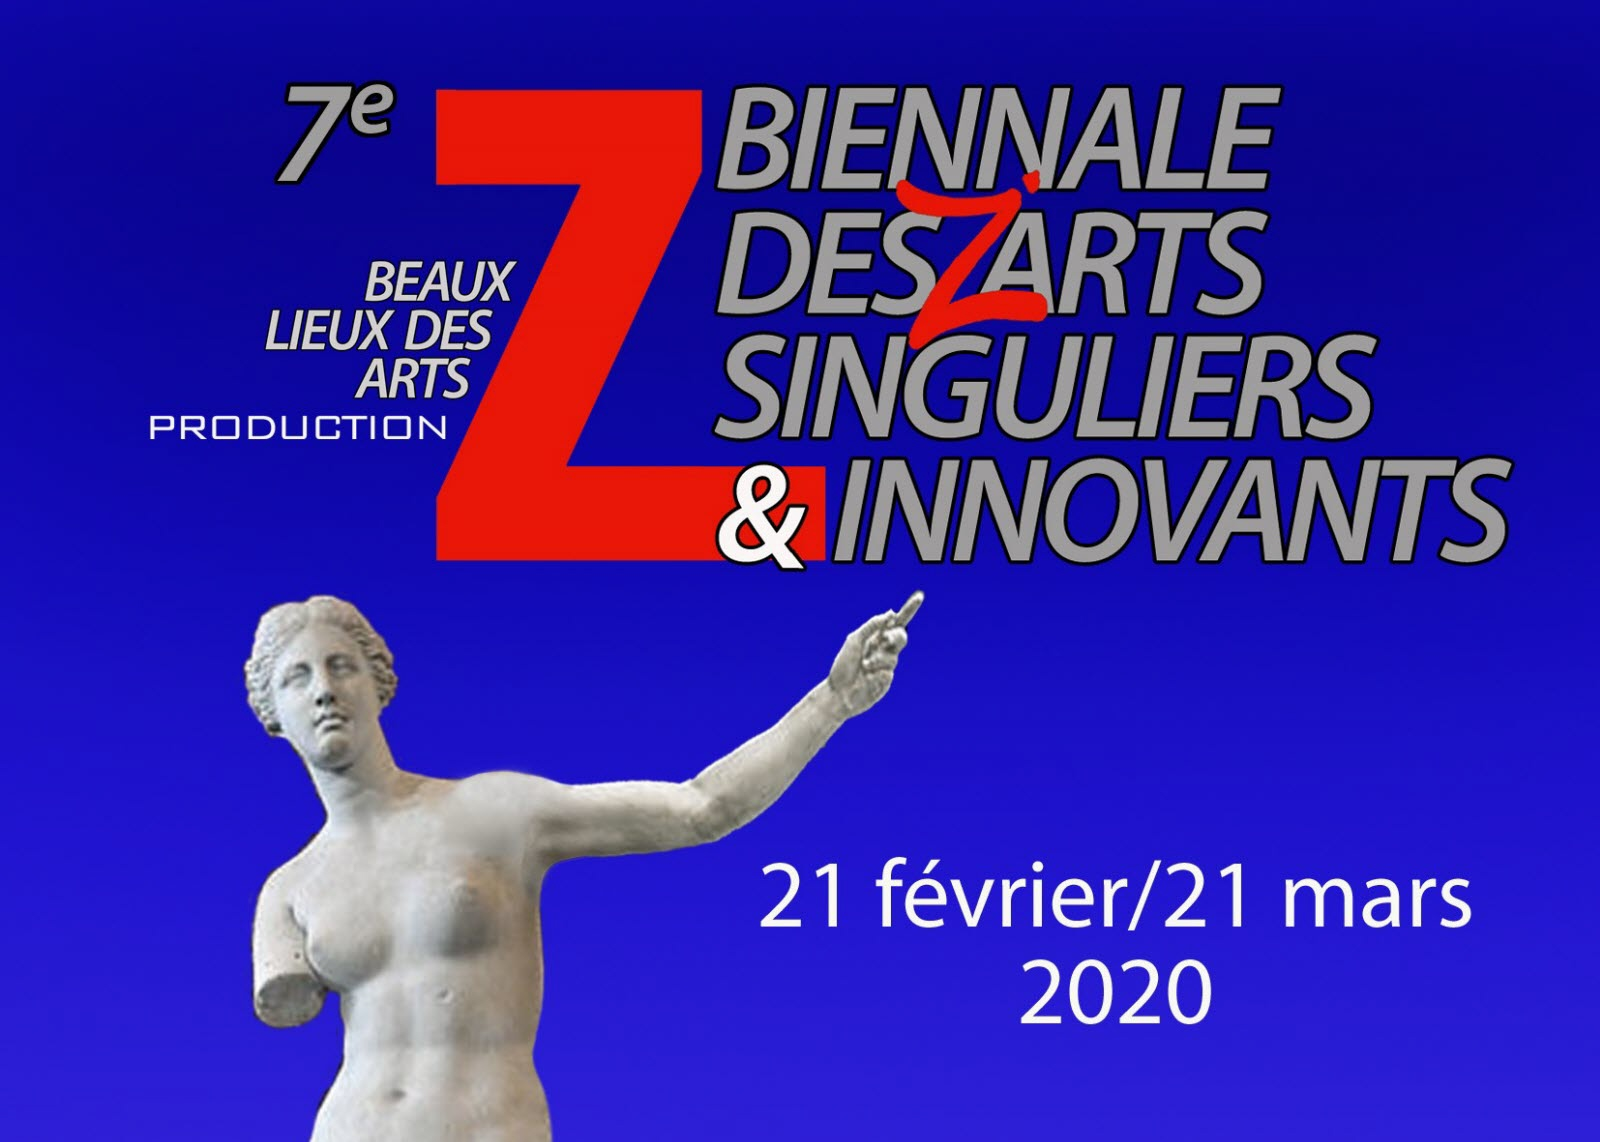 Image 7ieme biennale des Arts singuliers et innovants